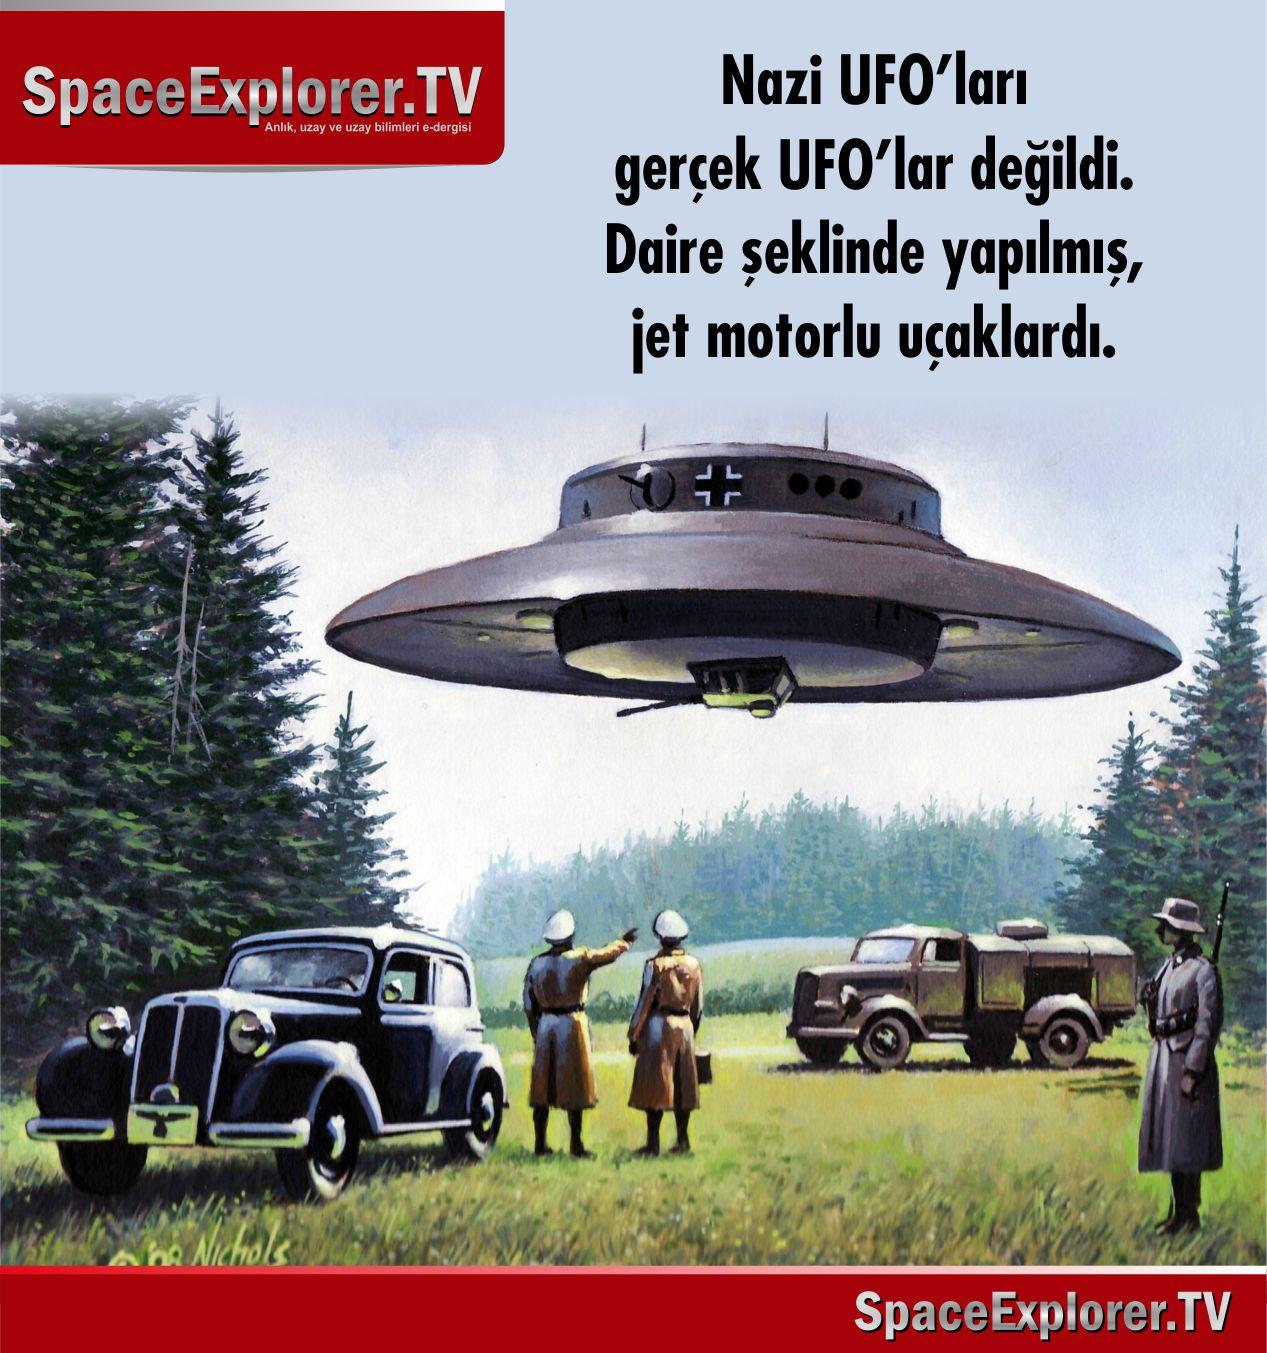 Nazi Almanya'sı, Nazi UFO'ları, Nazi uzay araştırmaları, Adolf Hitler, Hitler Almanya'sı, UFO, UFO'lar gerçek mi?, Uzayda hayat var mı?,